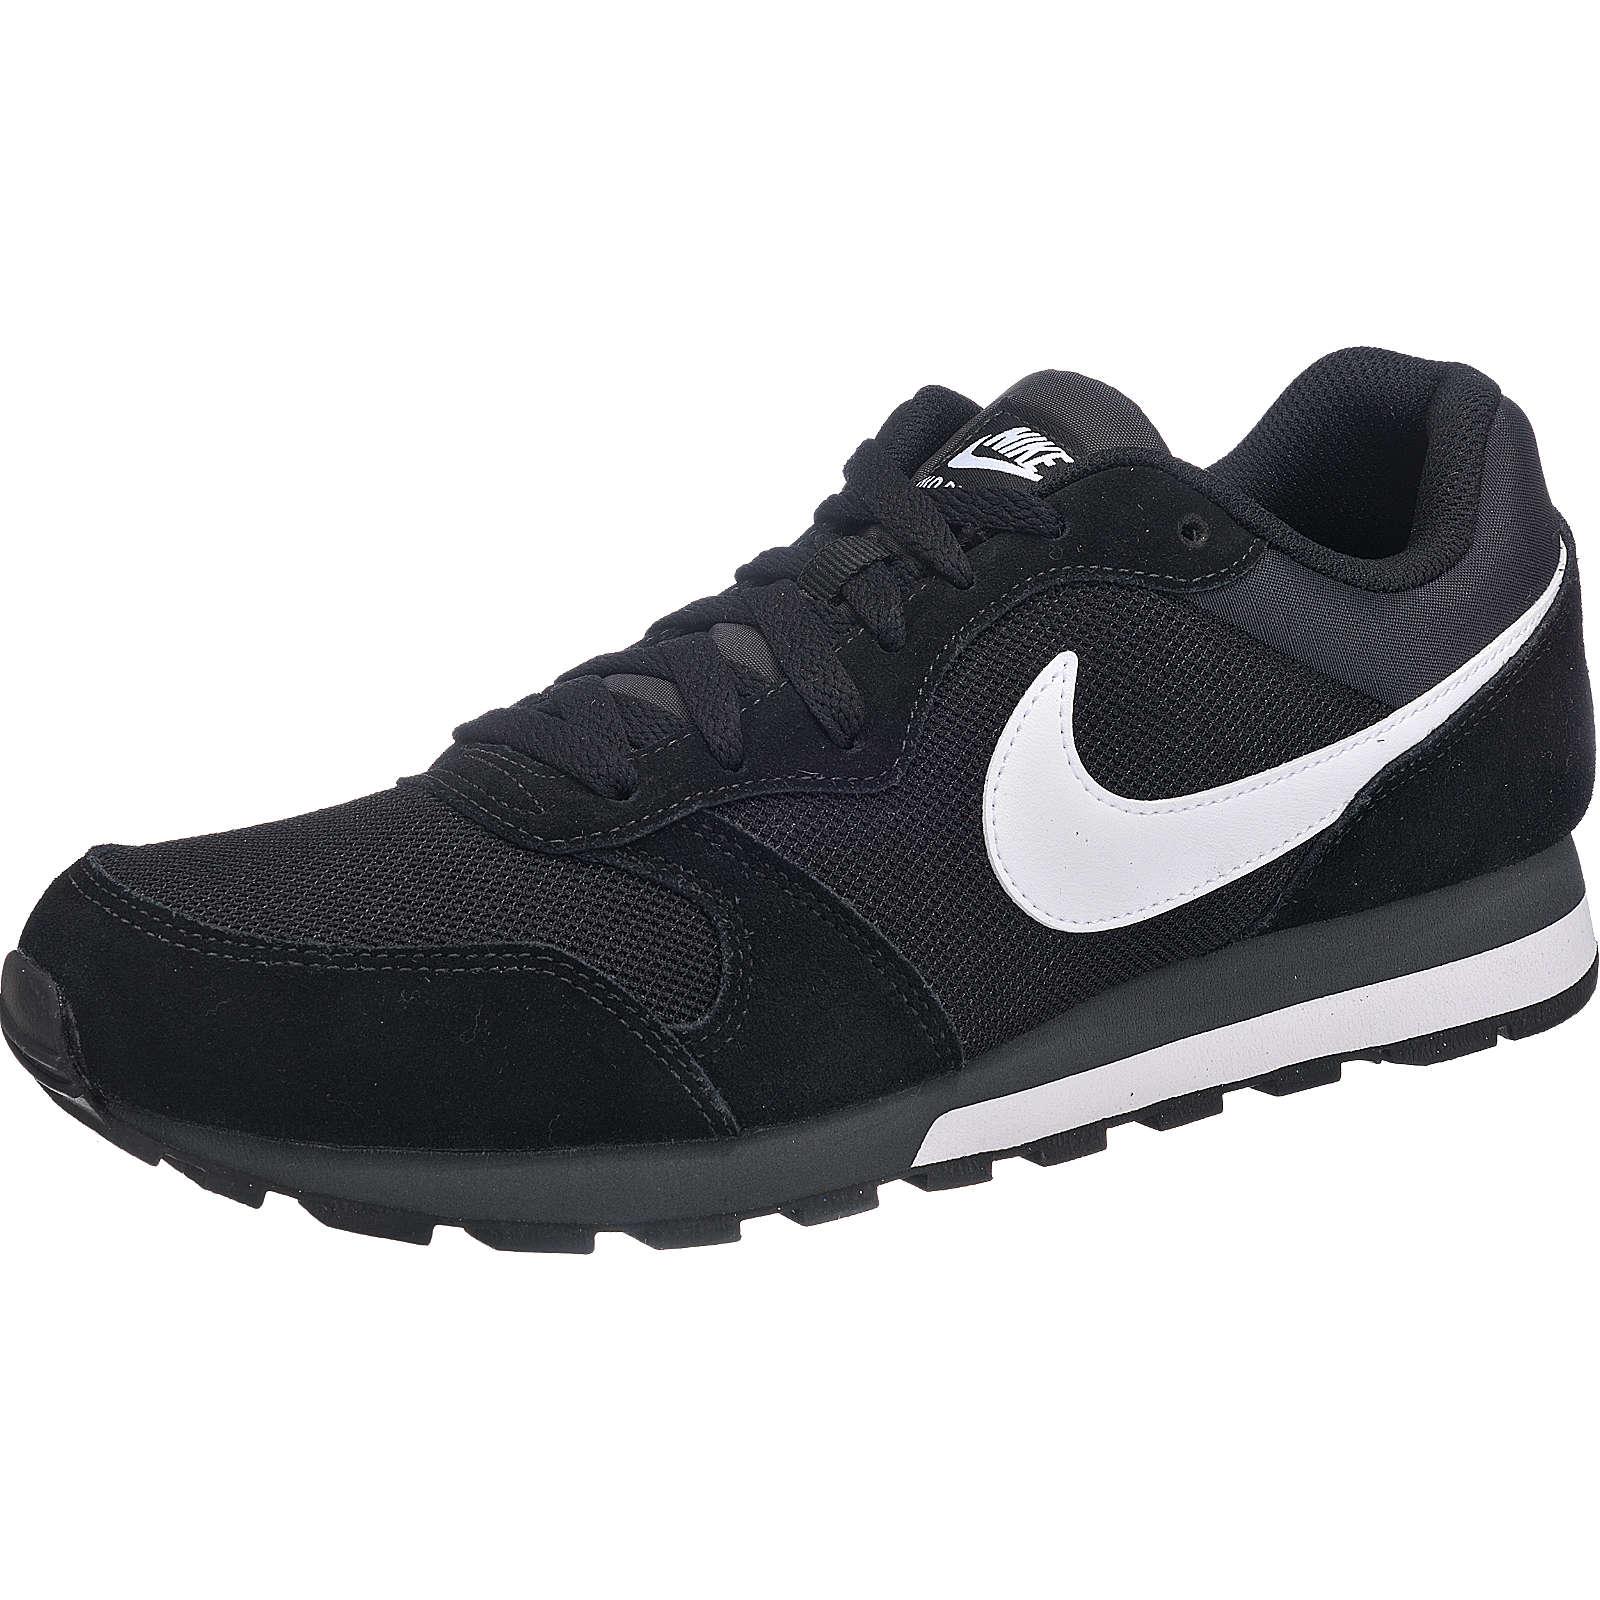 Nike Sportswear MD Runner 2 Sneakers schwarz-kombi Herren Gr. 40,5